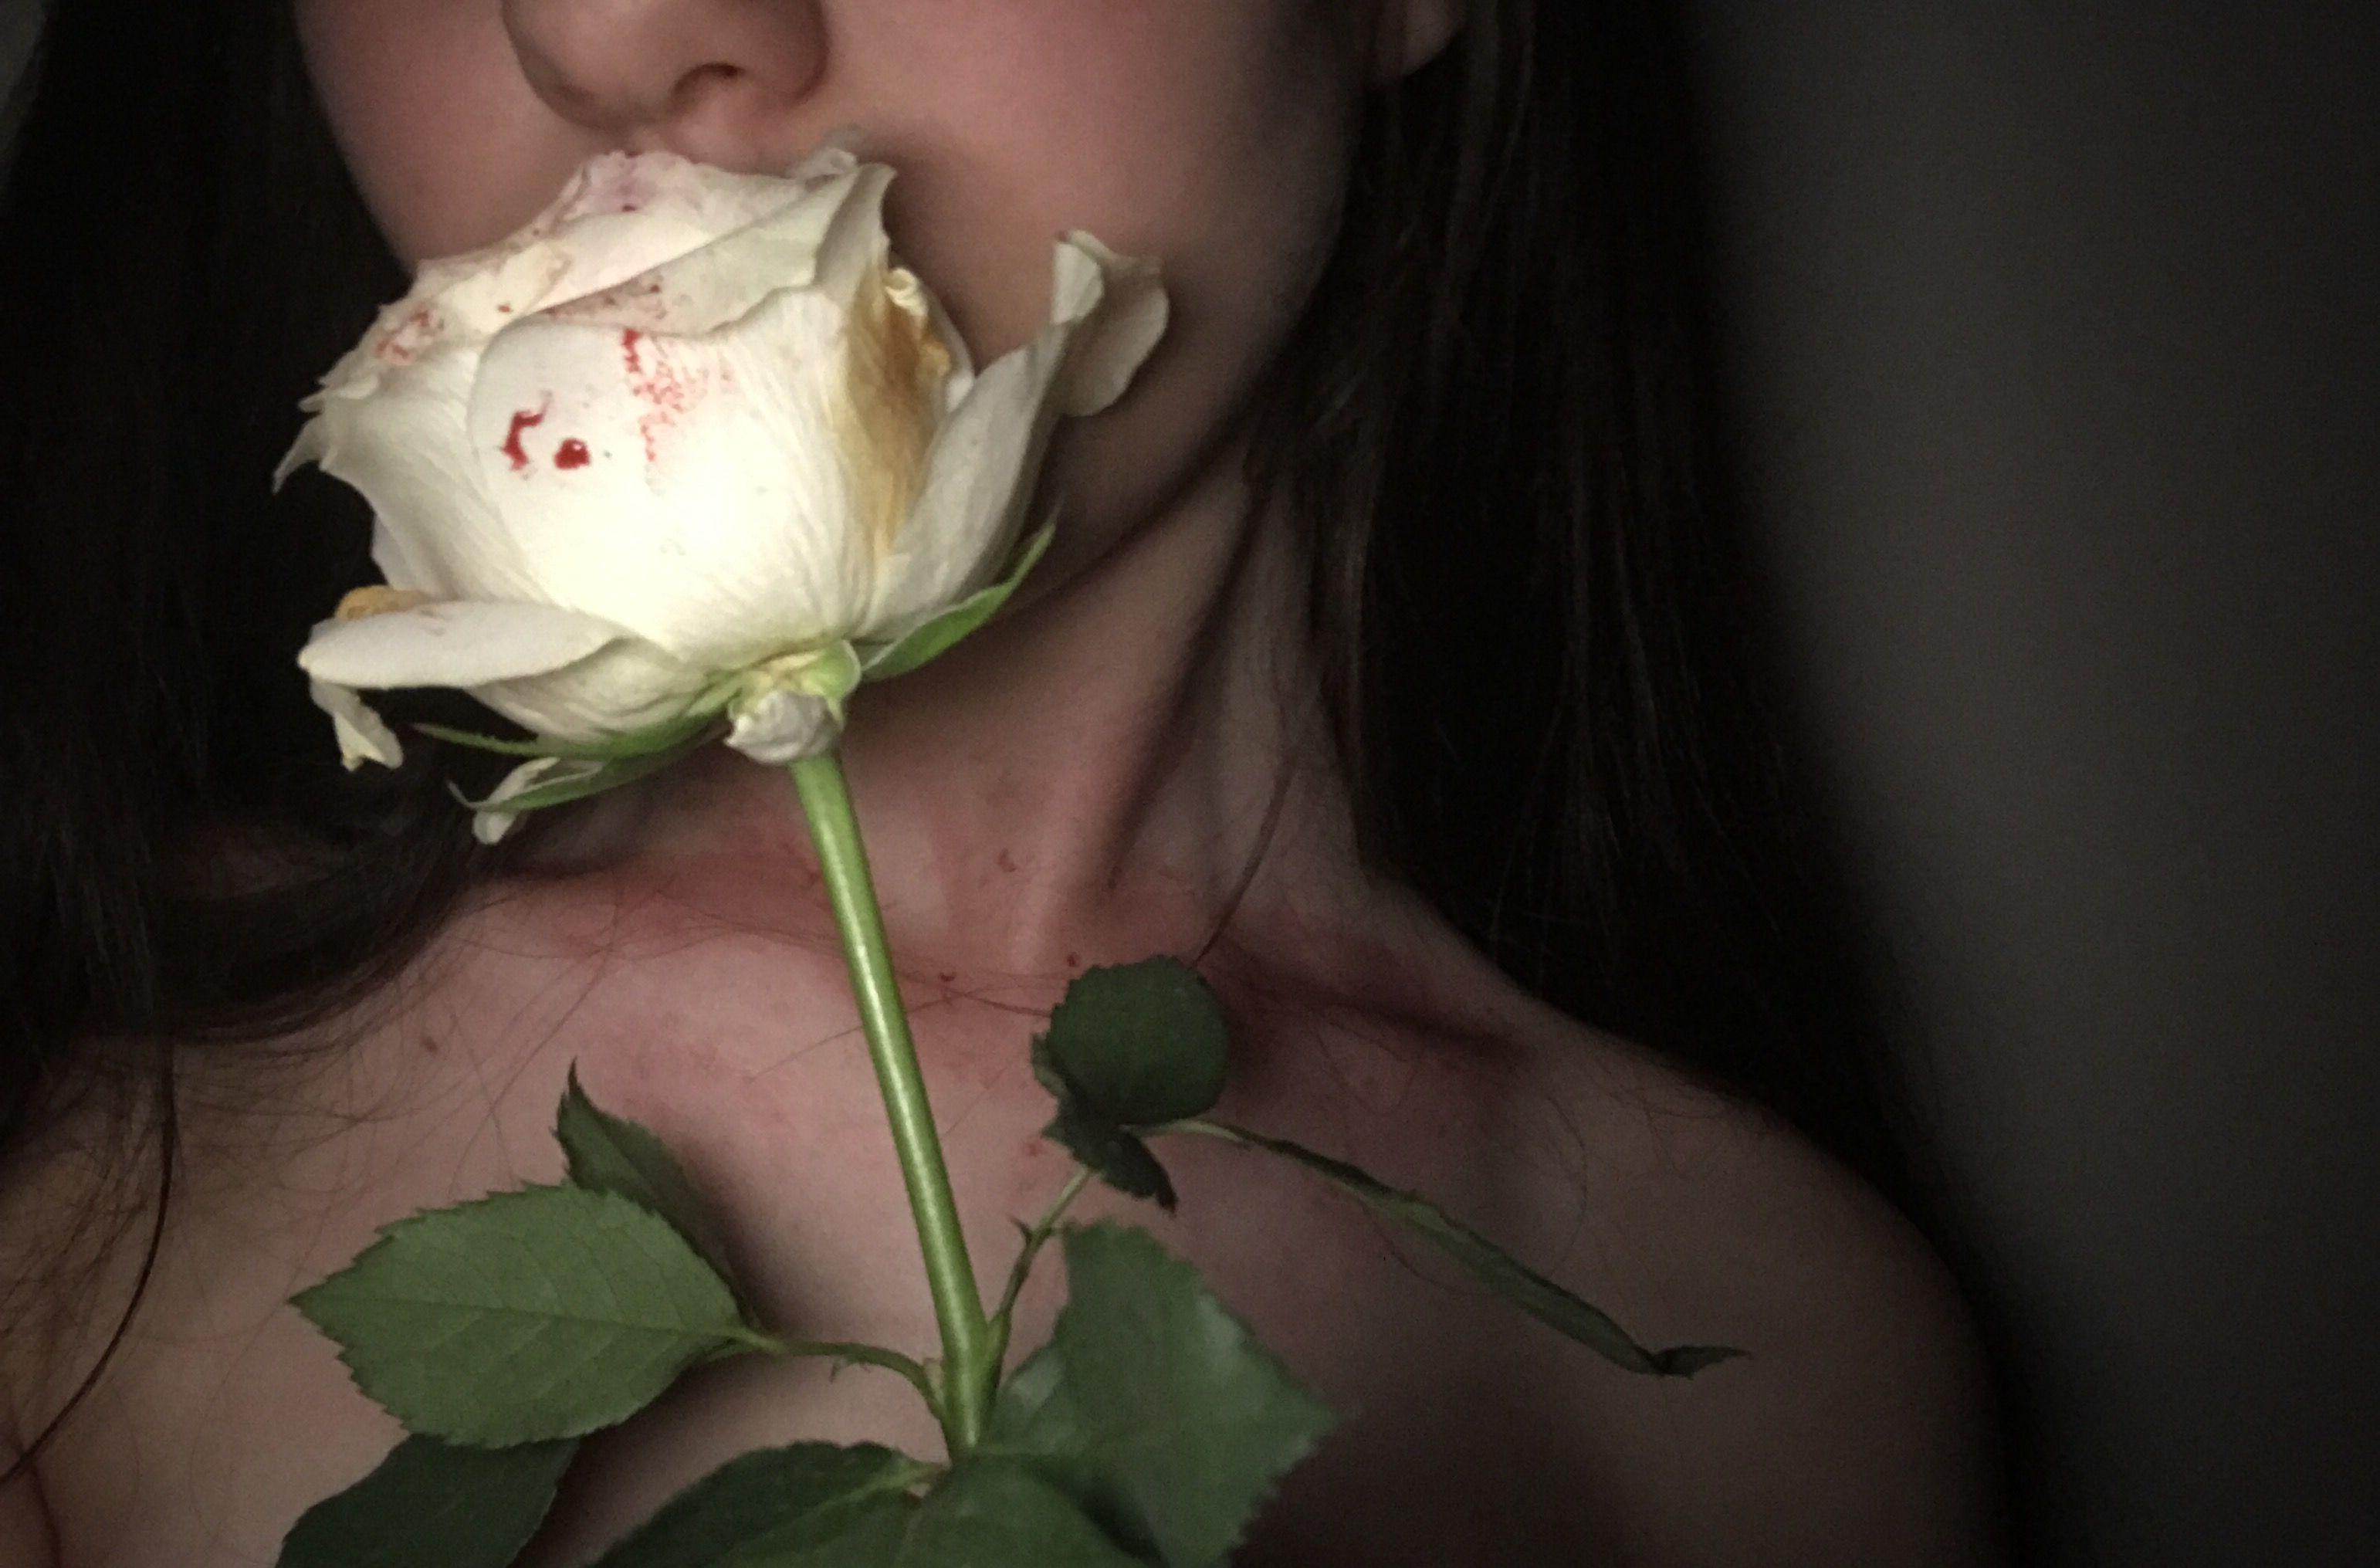 Whiterose Rose Blood Alone Sad Dark Tumblr Aesthetic Girl